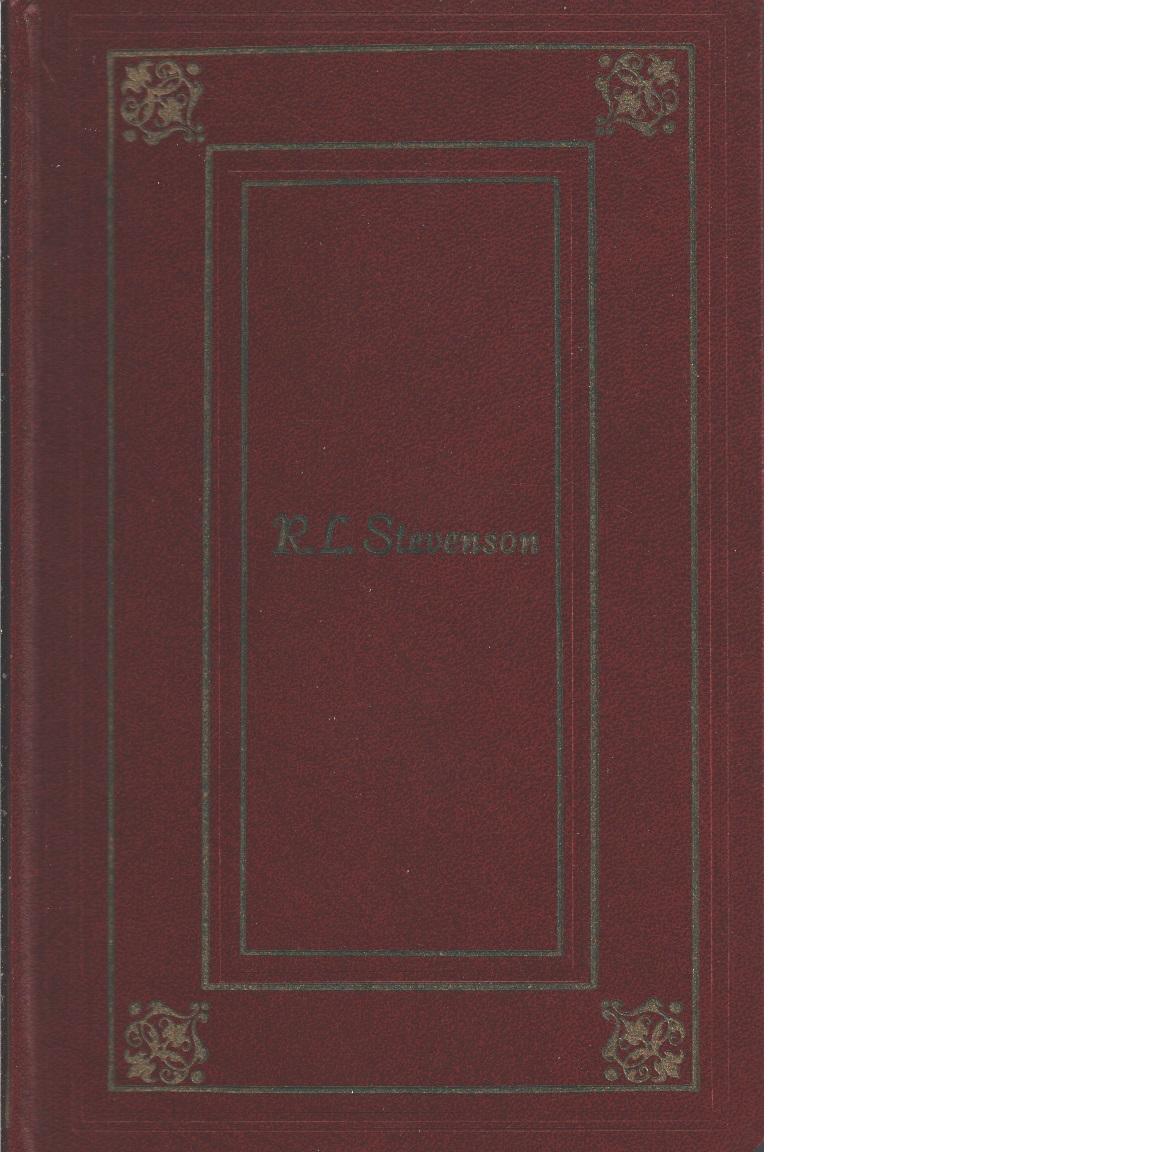 Dr Jekyll & Mr Hyde - Stevenson, Robert Louis